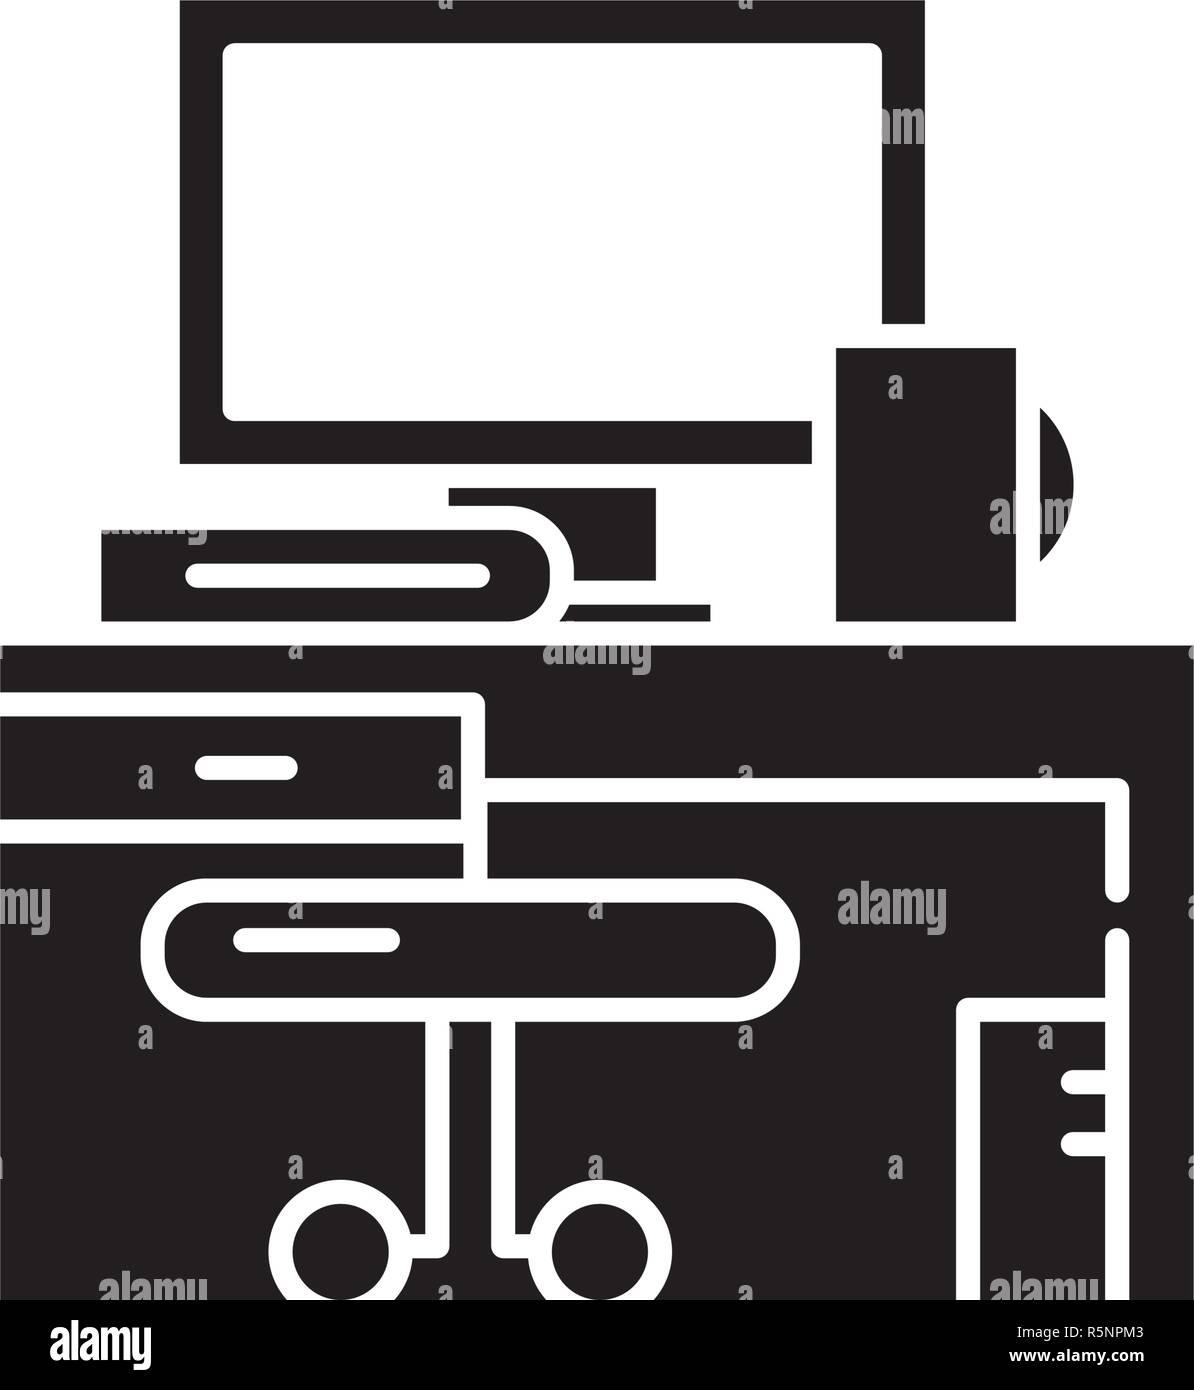 Lieu de travail icône noire, vector signe sur fond isolé. Concept de poste de travail, illustration symbole Illustration de Vecteur